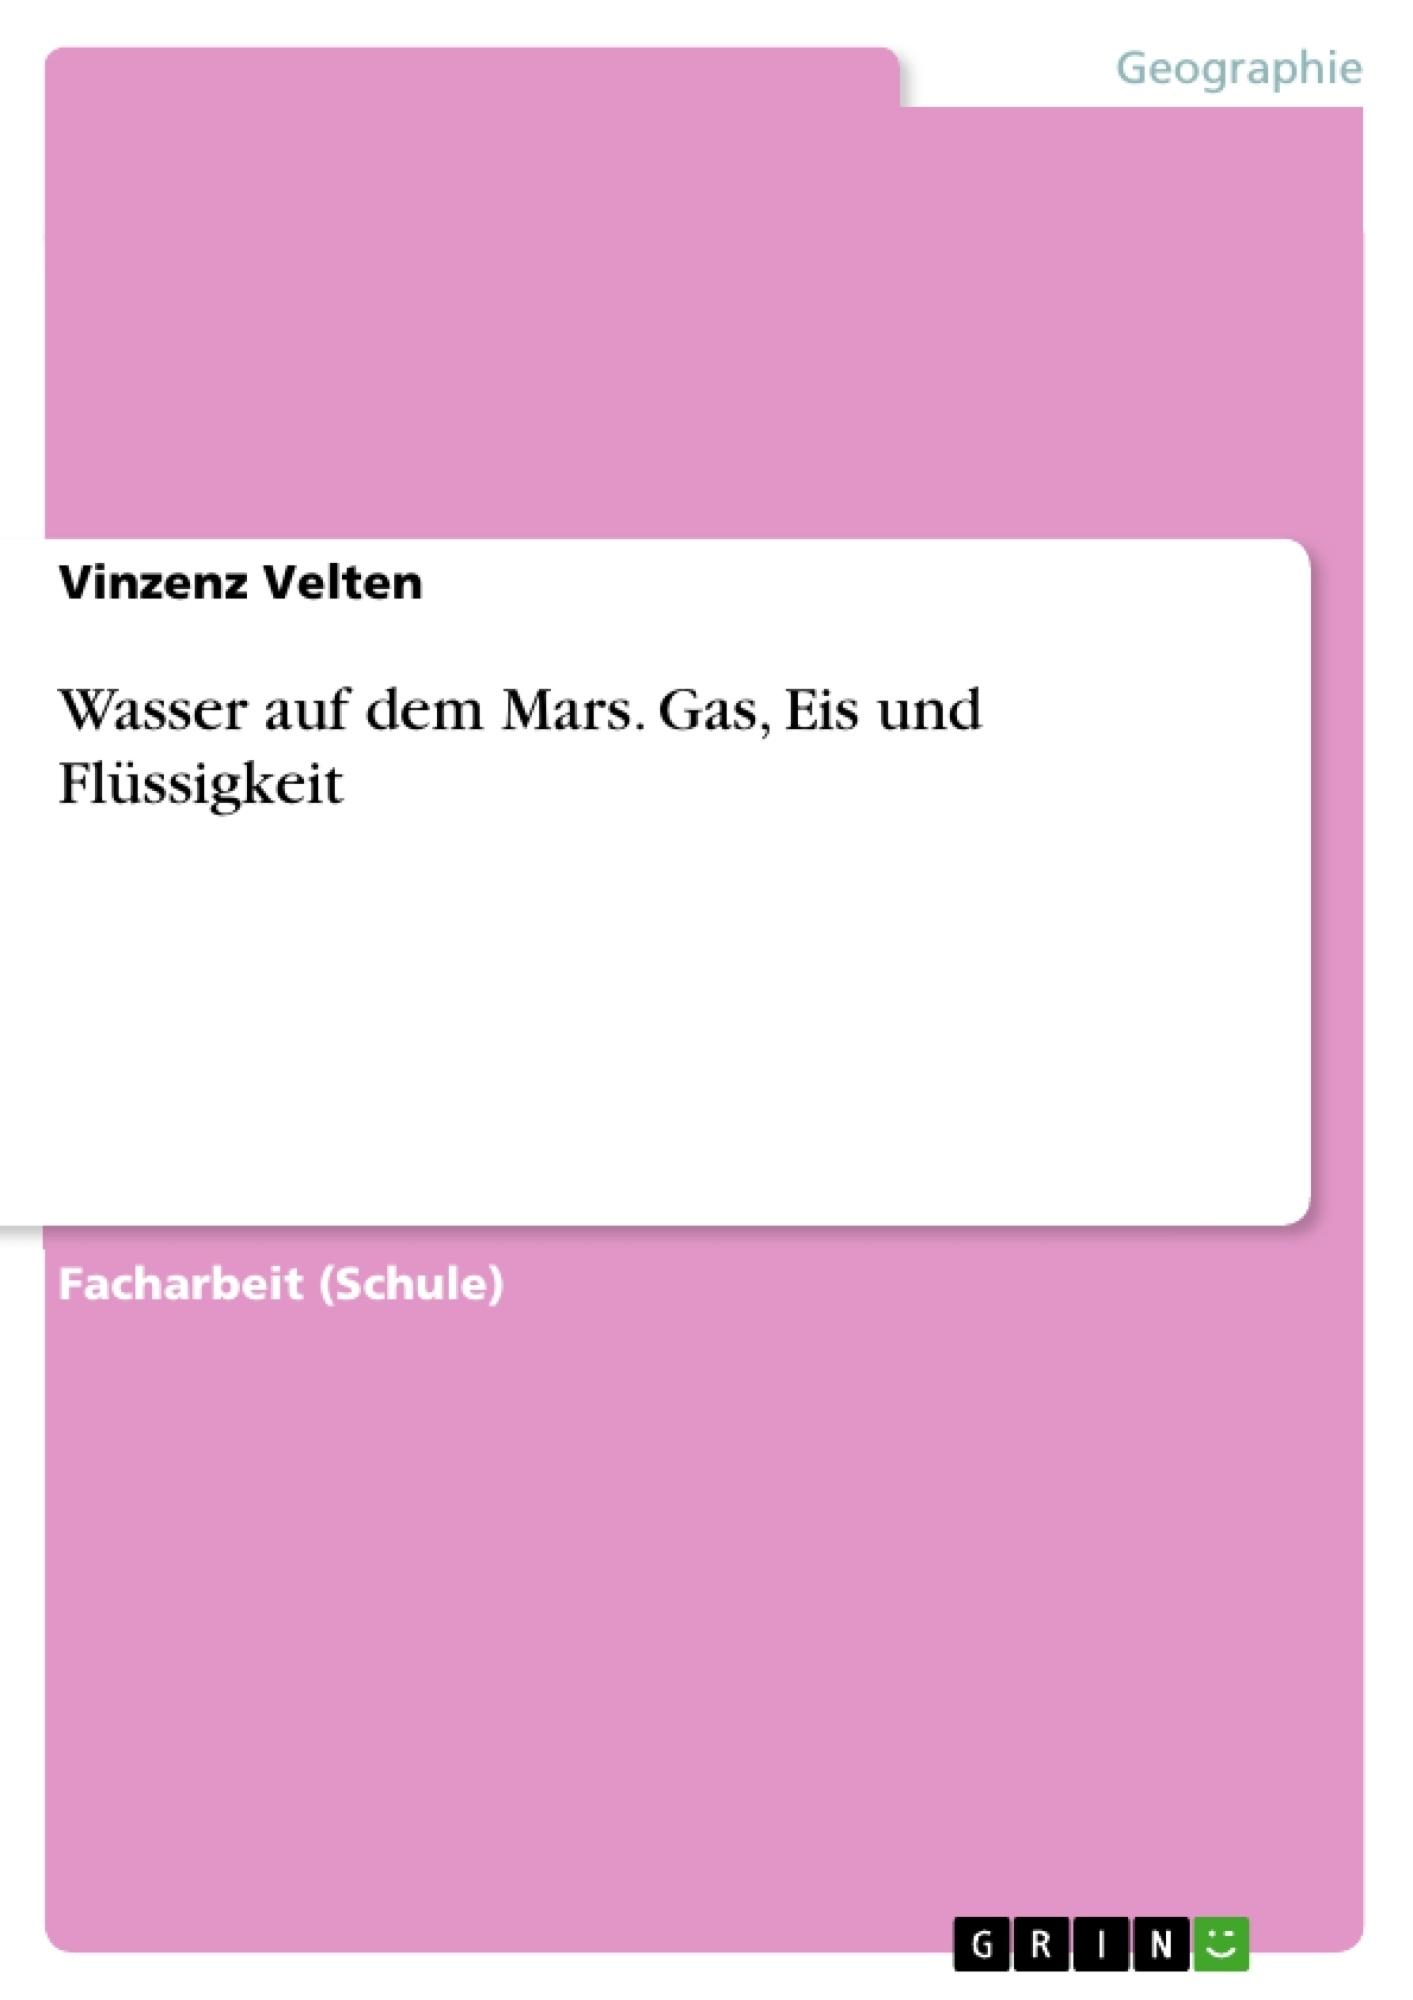 Titel: Wasser auf dem Mars. Gas, Eis und Flüssigkeit